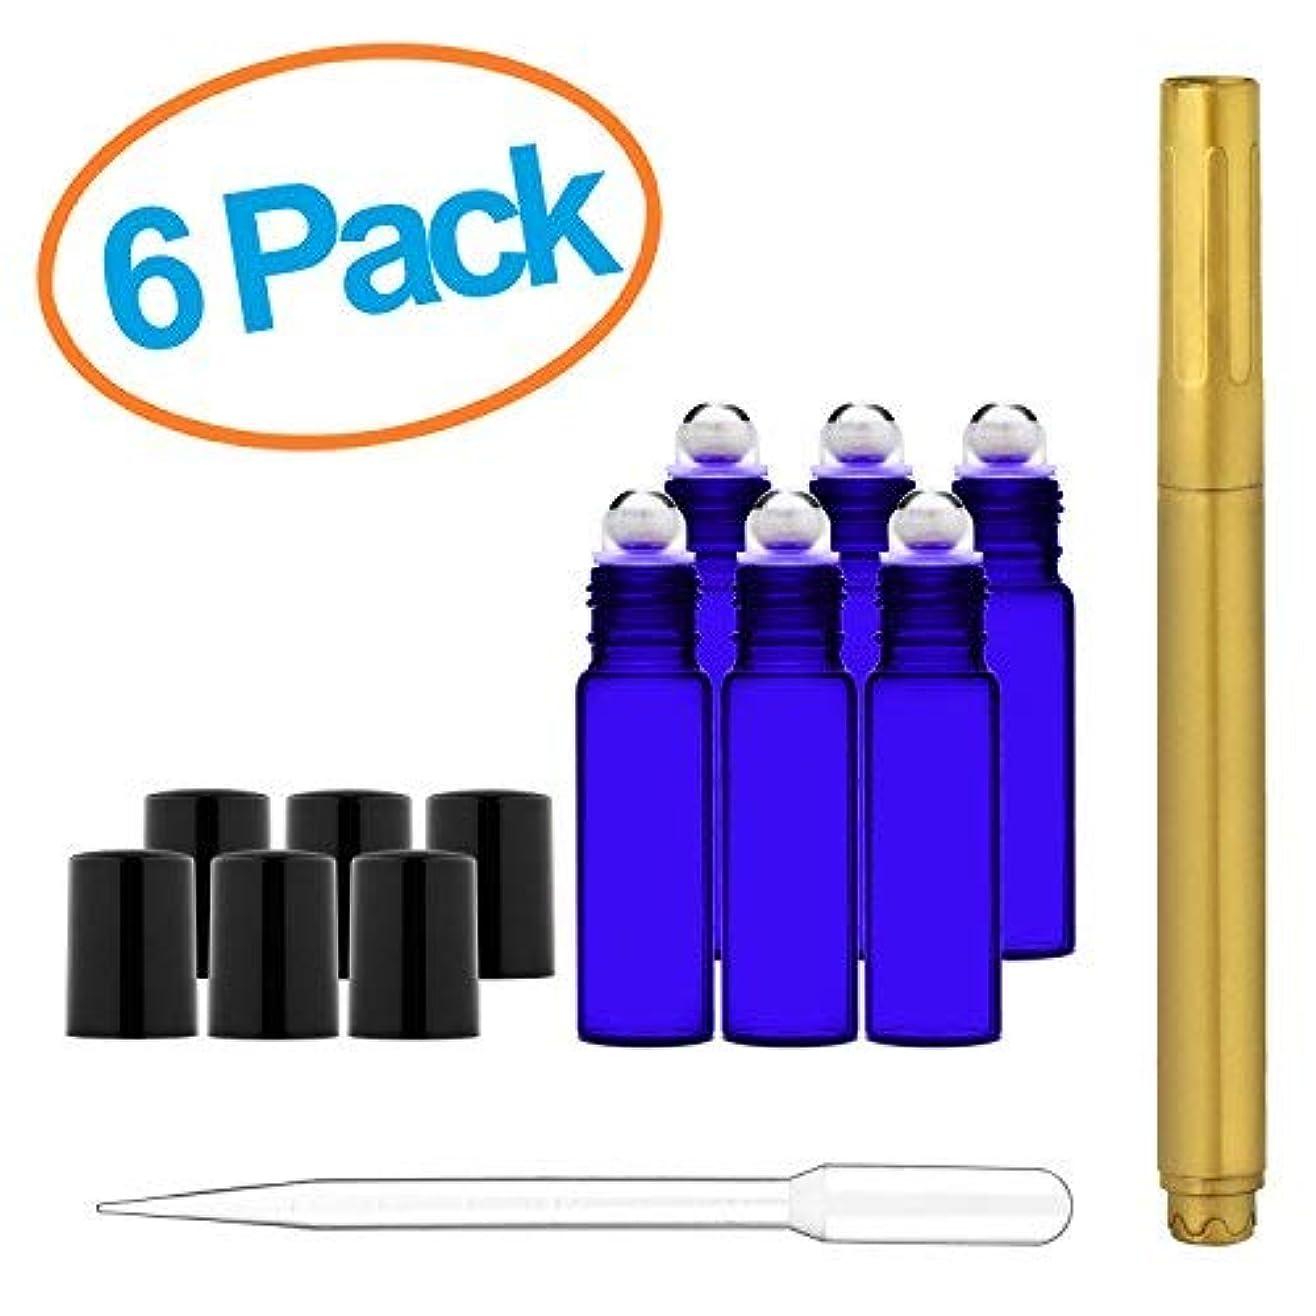 管理者ボックス炭素Culinaire 6 Pack Of 10 ml Blue Glass Bottles with Stainless Steel Roller Balls/Caps & 3 ml Dropper with Gold Glass...